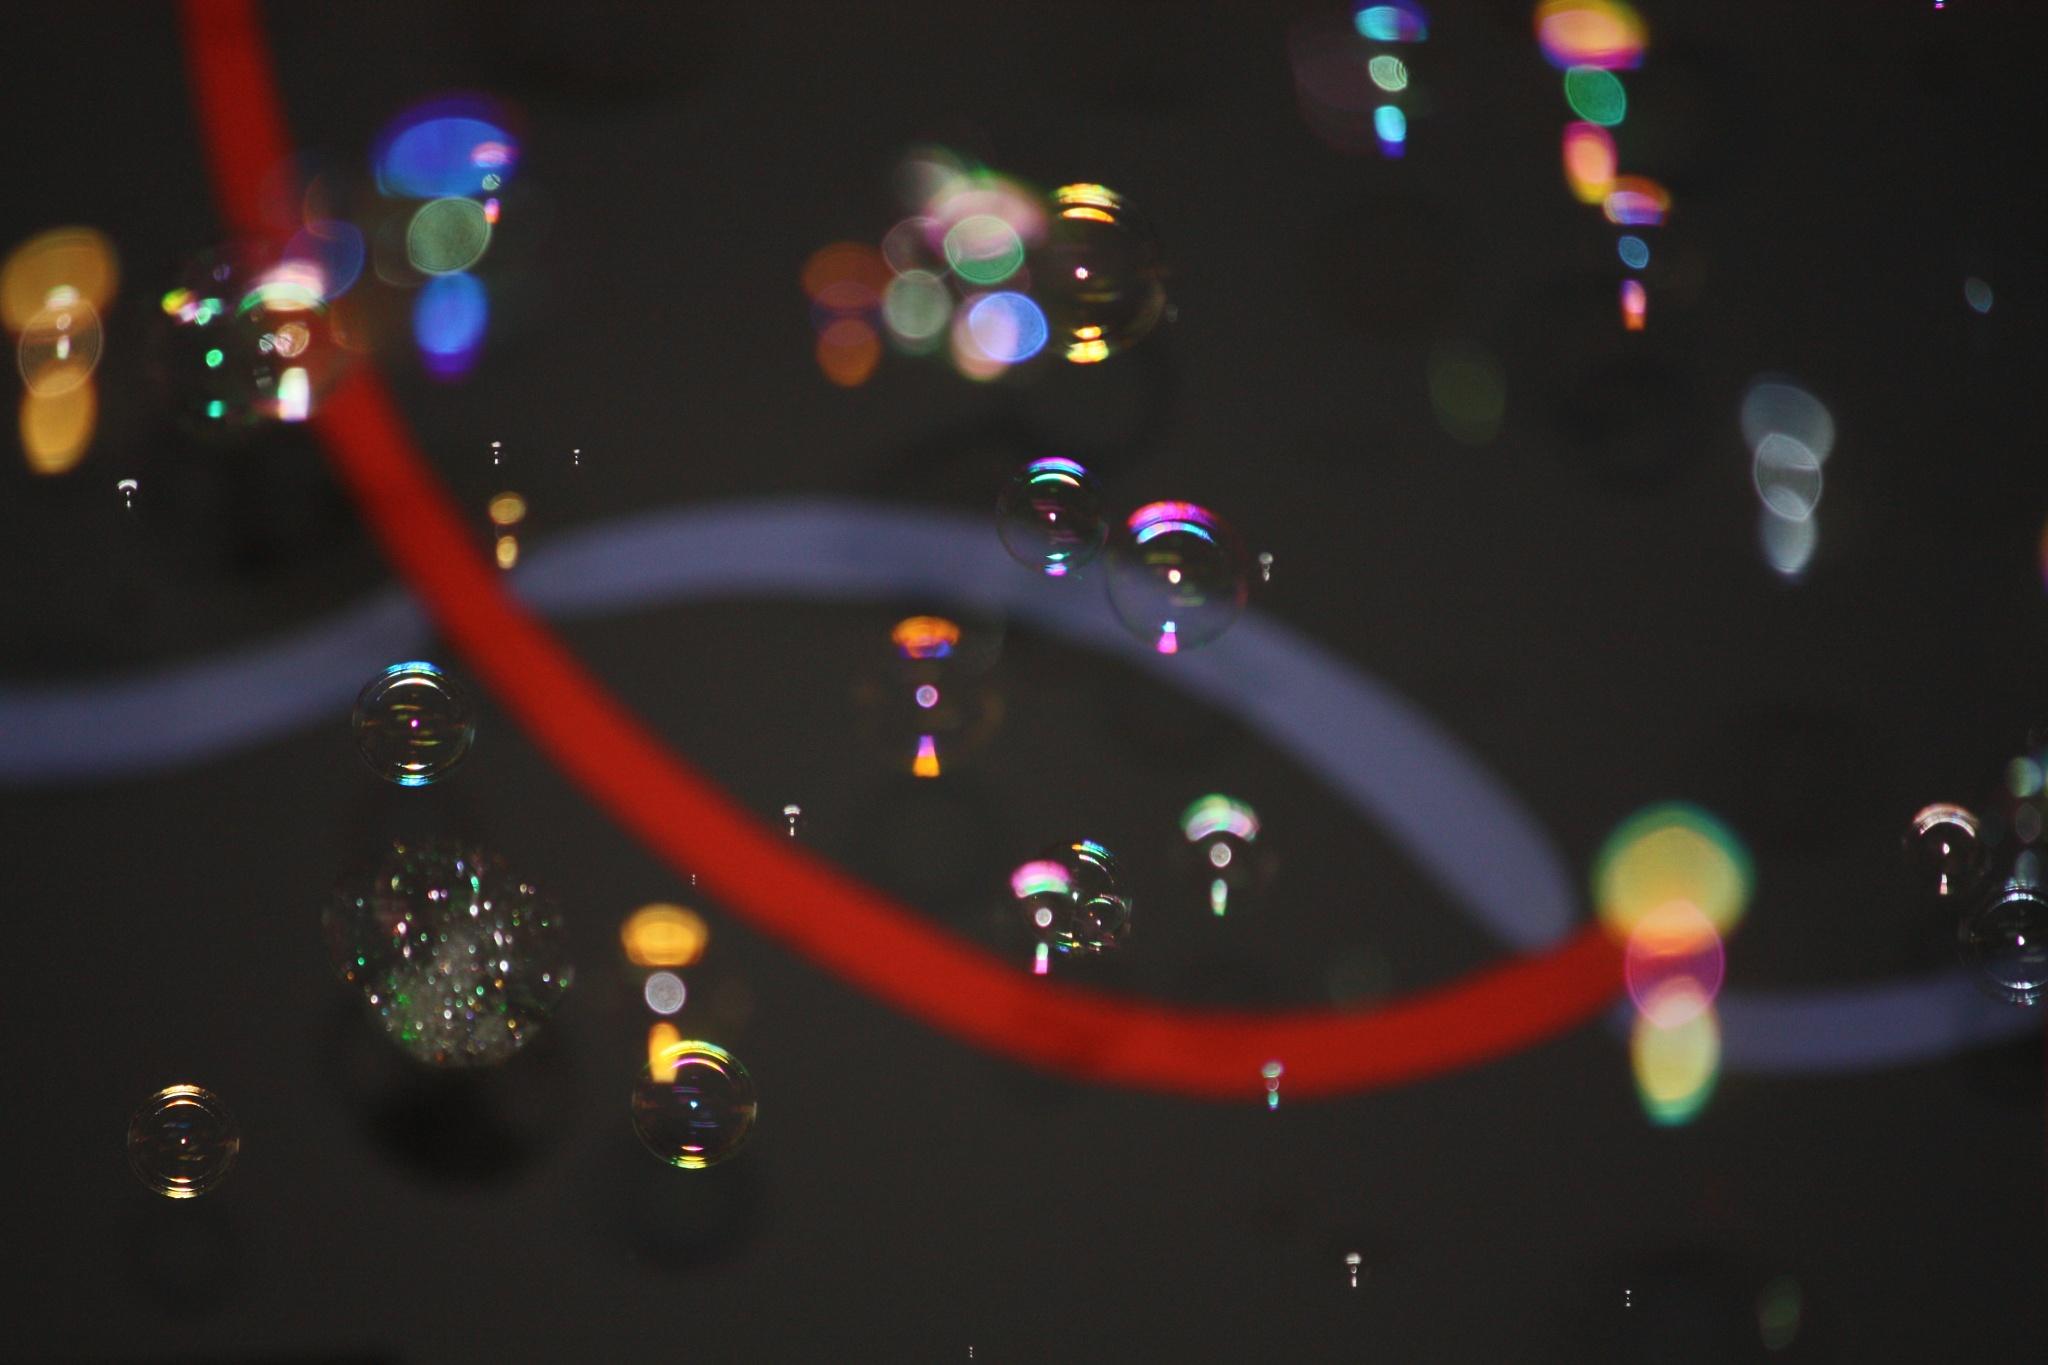 Soap bubbles by Eassa